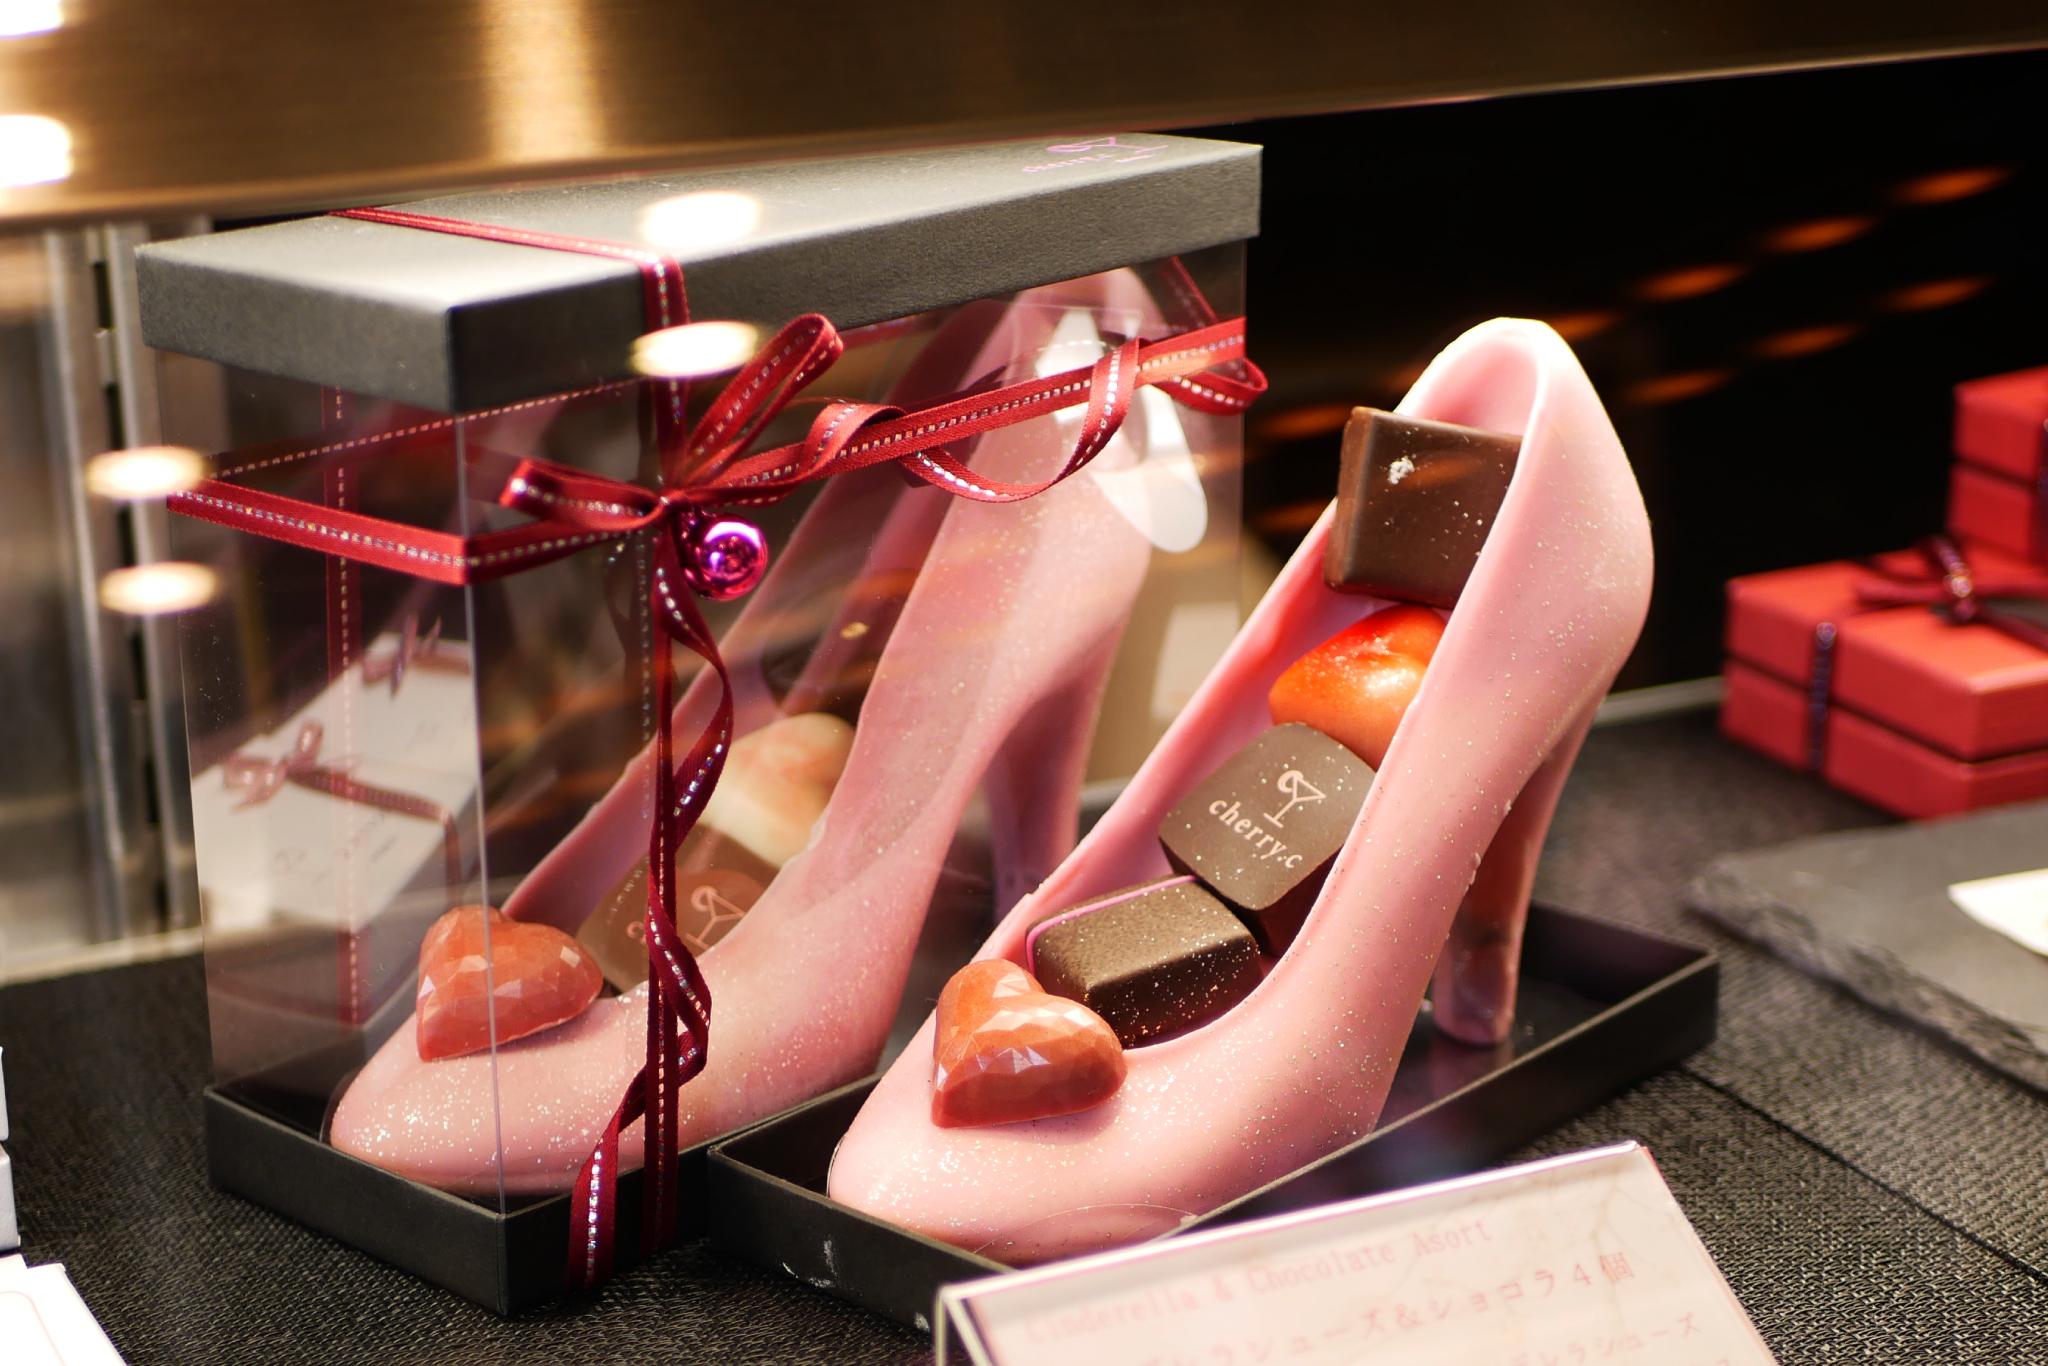 オリジナルパッケージ|バレンタイン|チョコレート|貼り箱・変形|ディスプレイ|PET・クリアケース